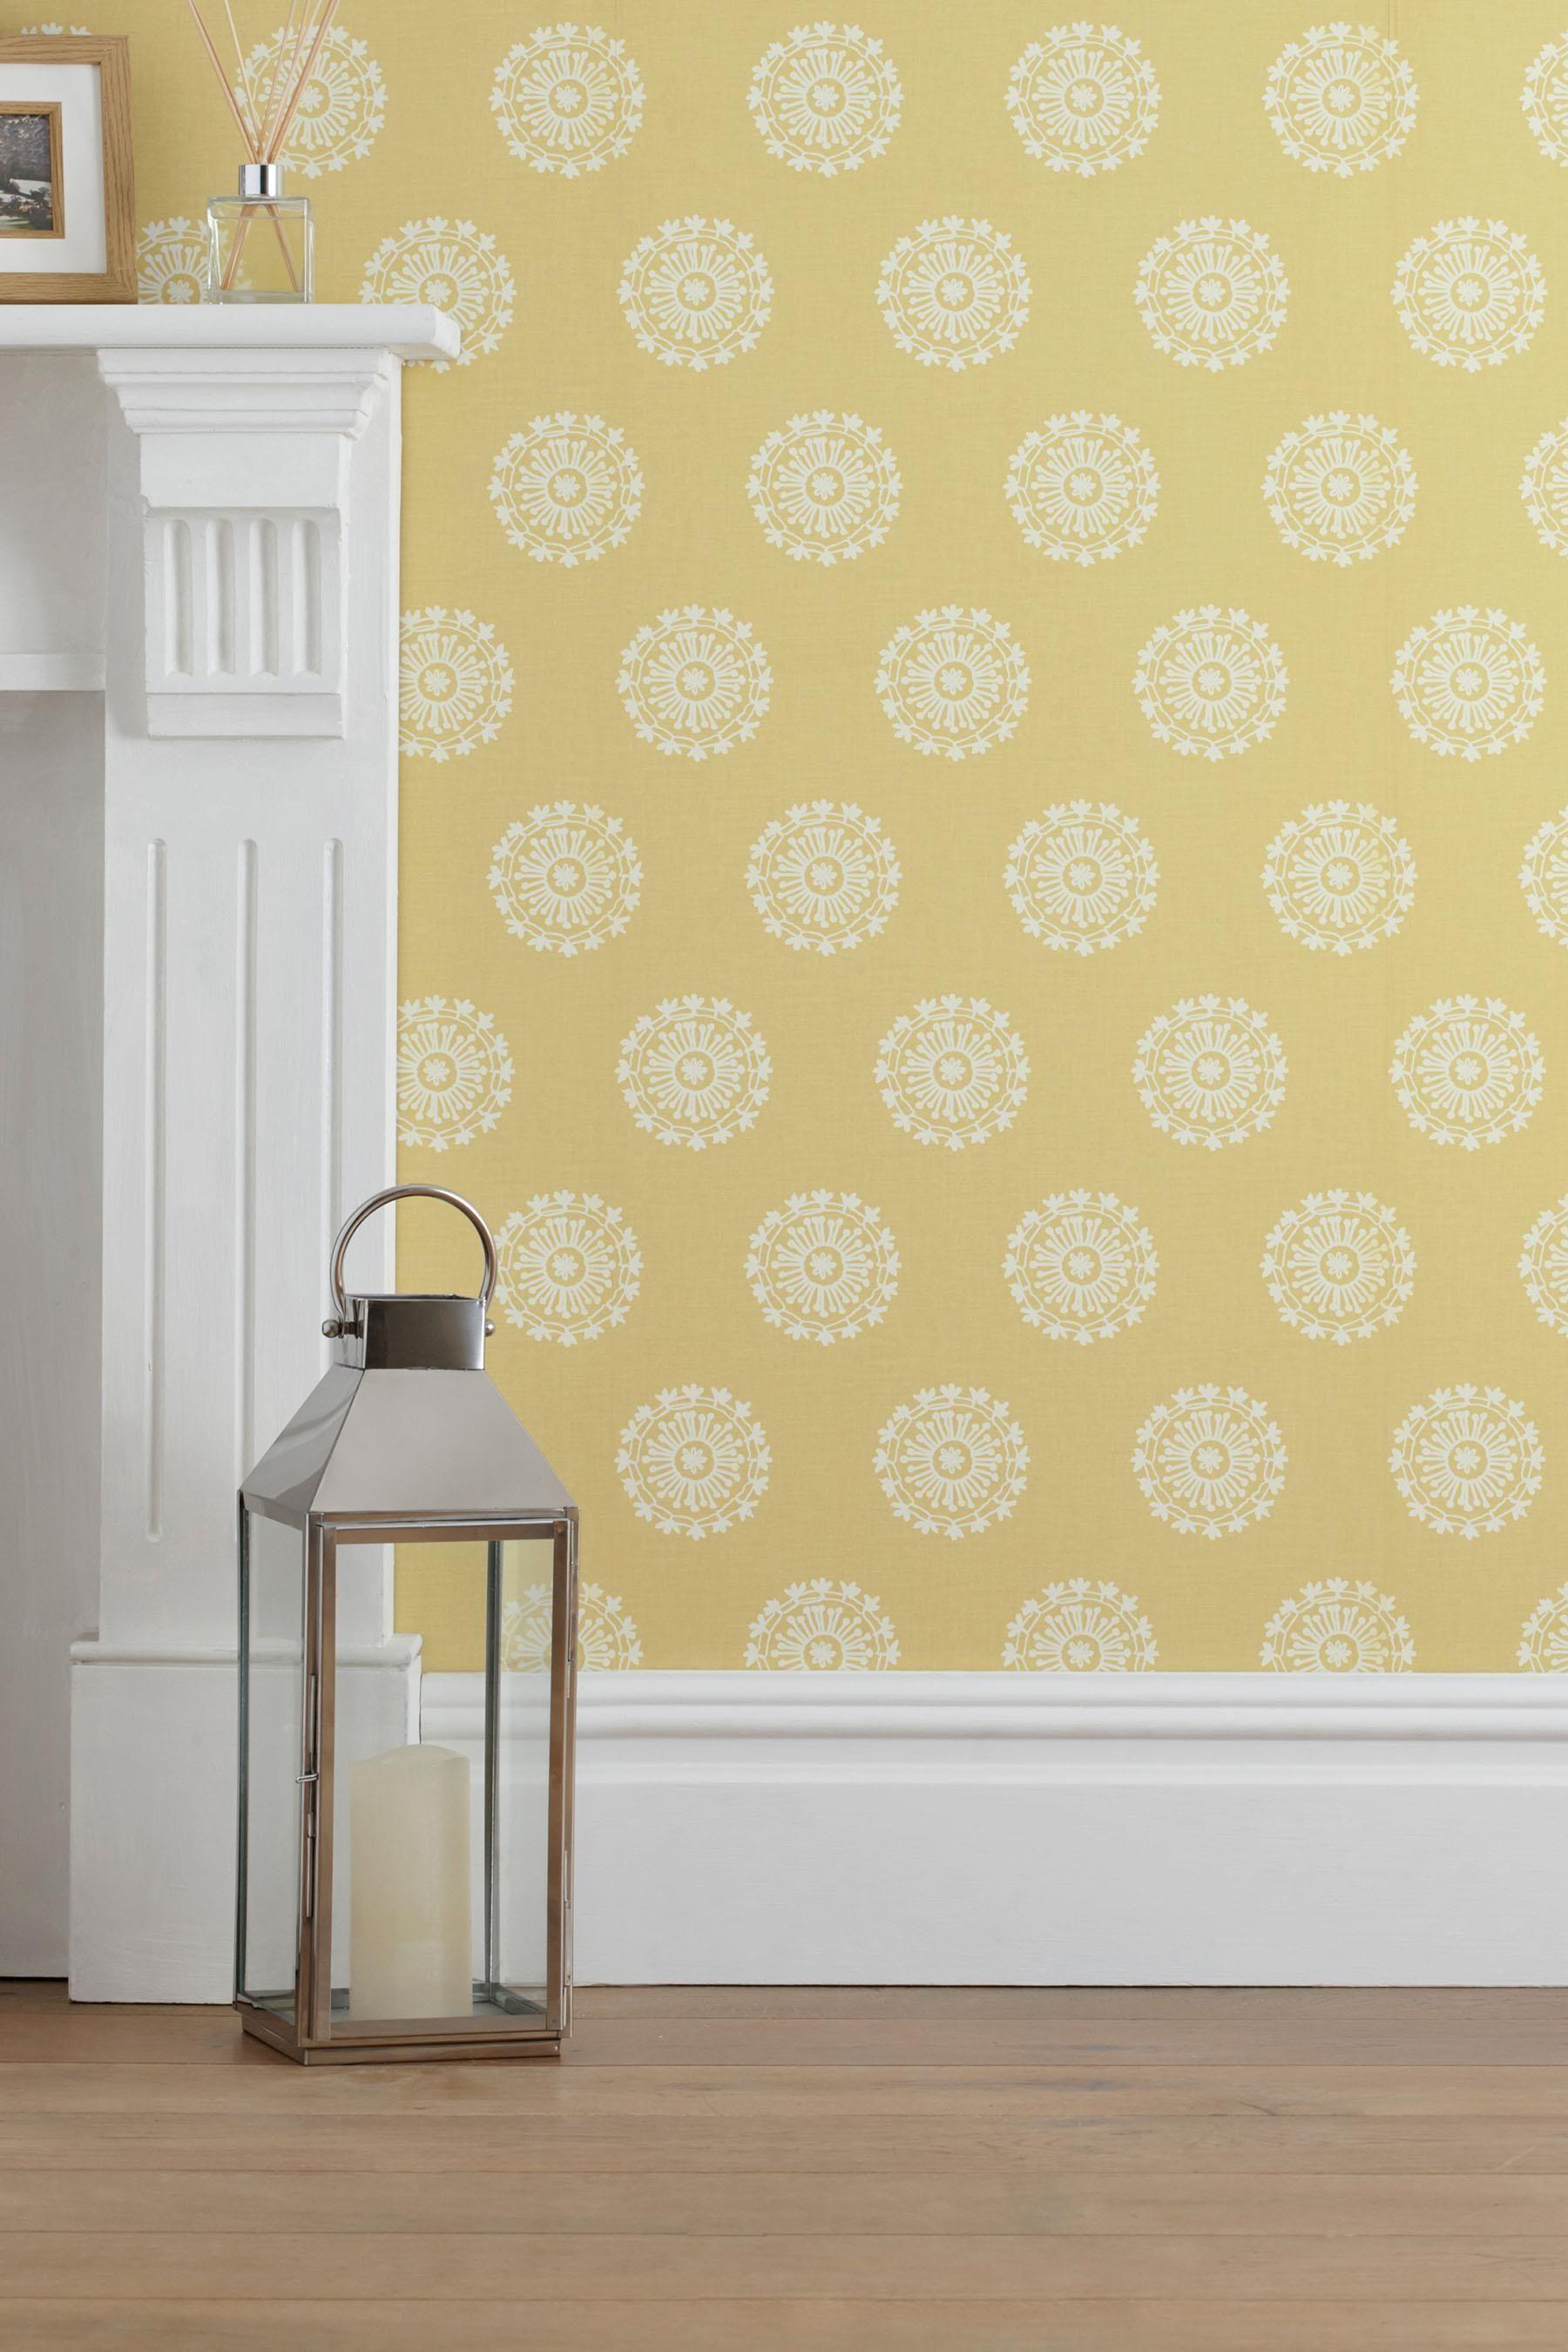 Next Bedroom Wallpaper Buy Ornate Motif Wallpaper From The Next Uk Online Shop Bedroom